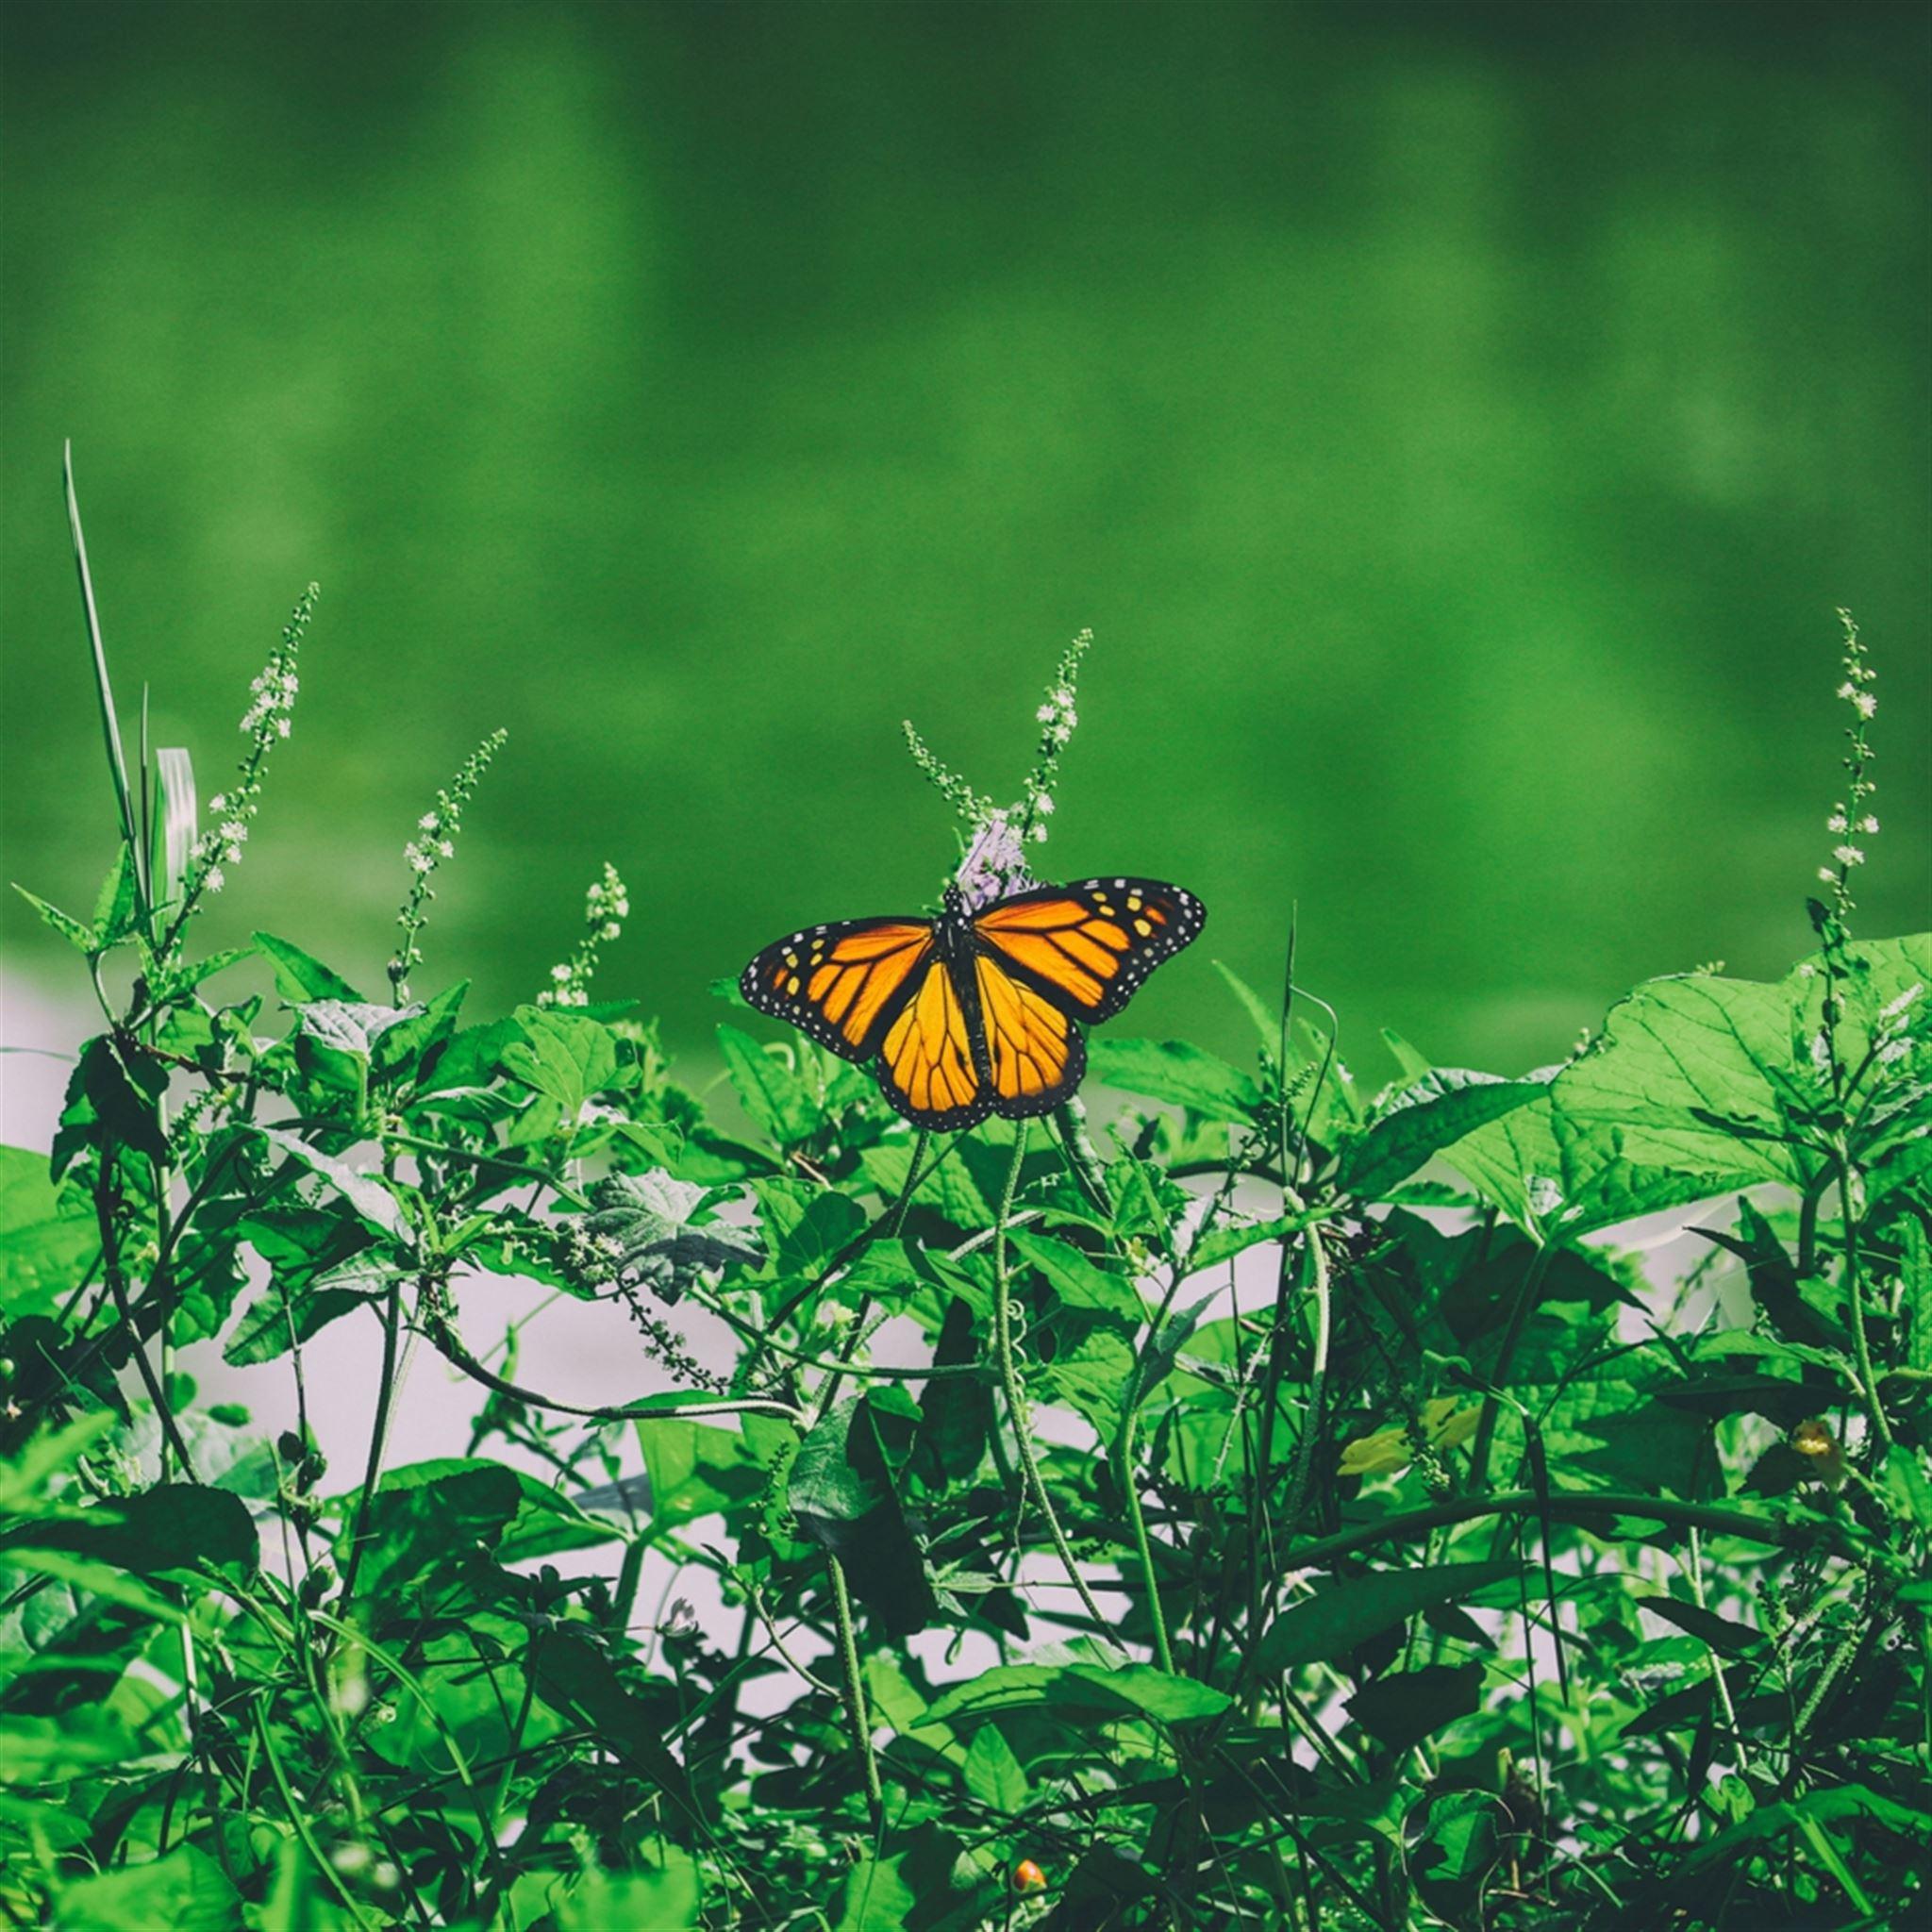 Butterfly Grass Flowers iPad wallpaper